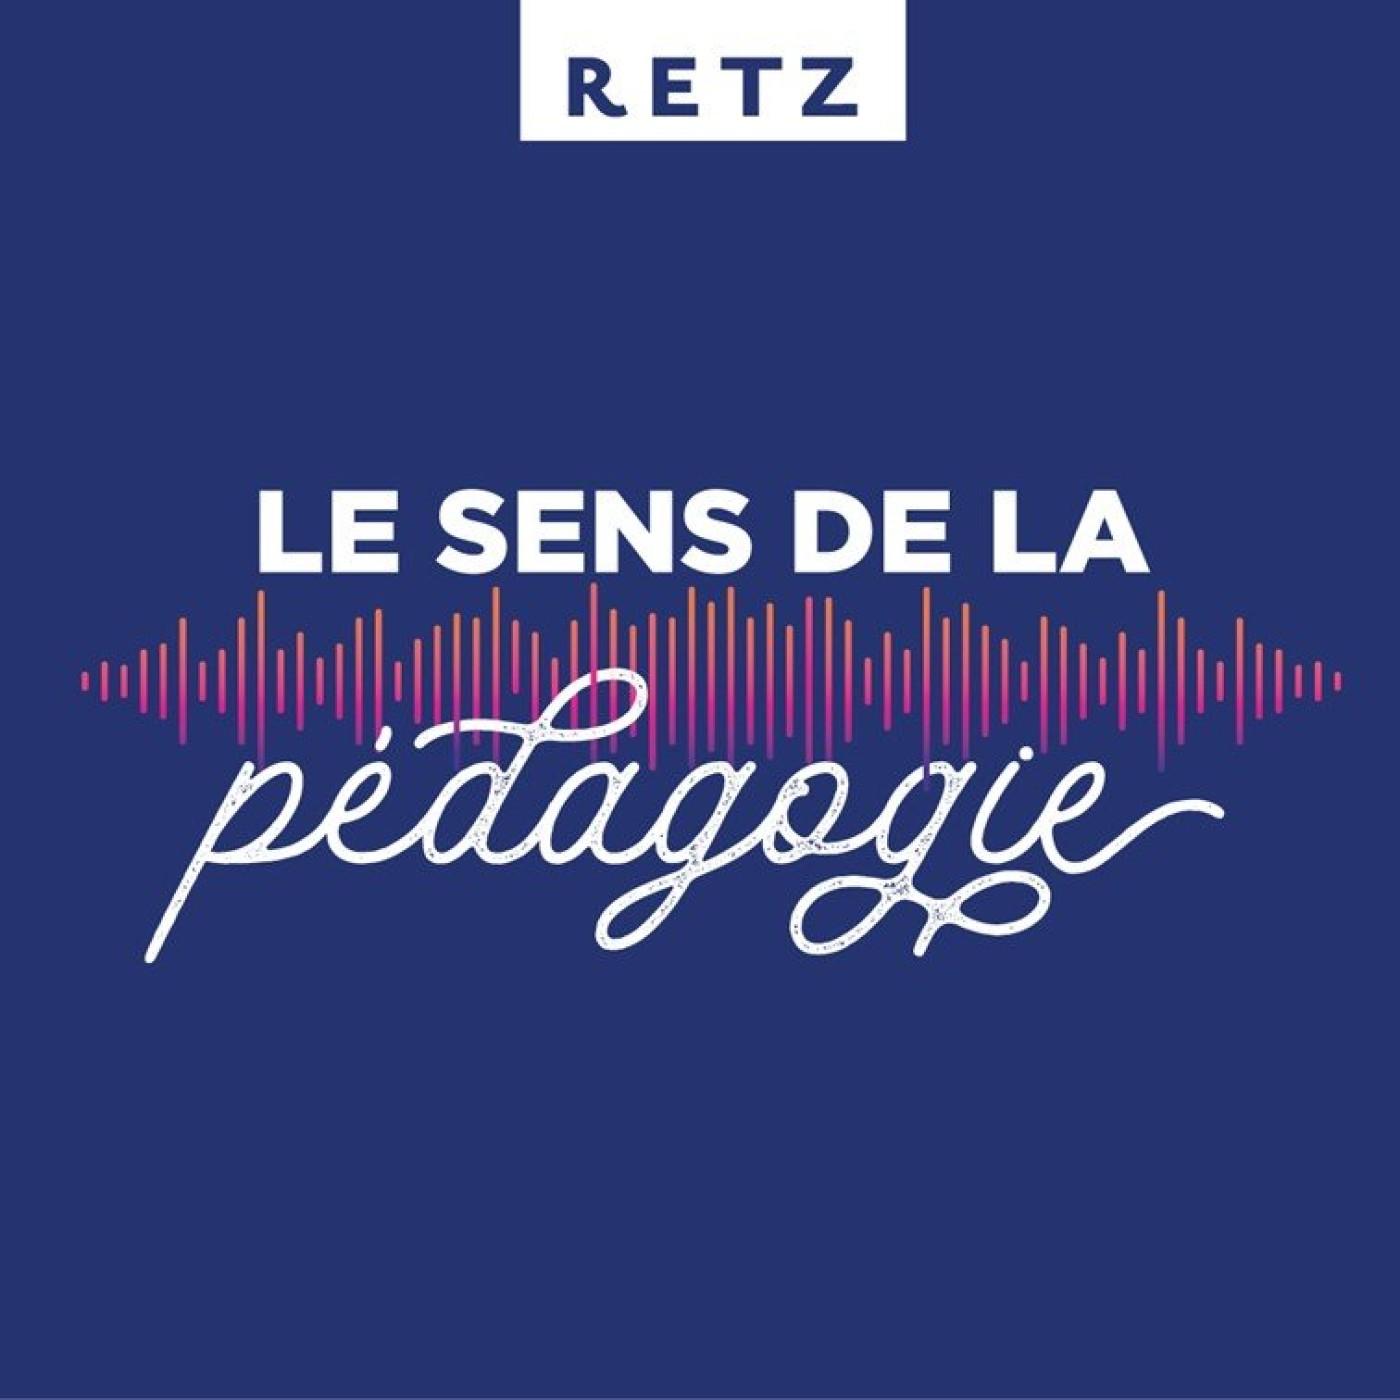 Retz - Le sens de la pédagogie